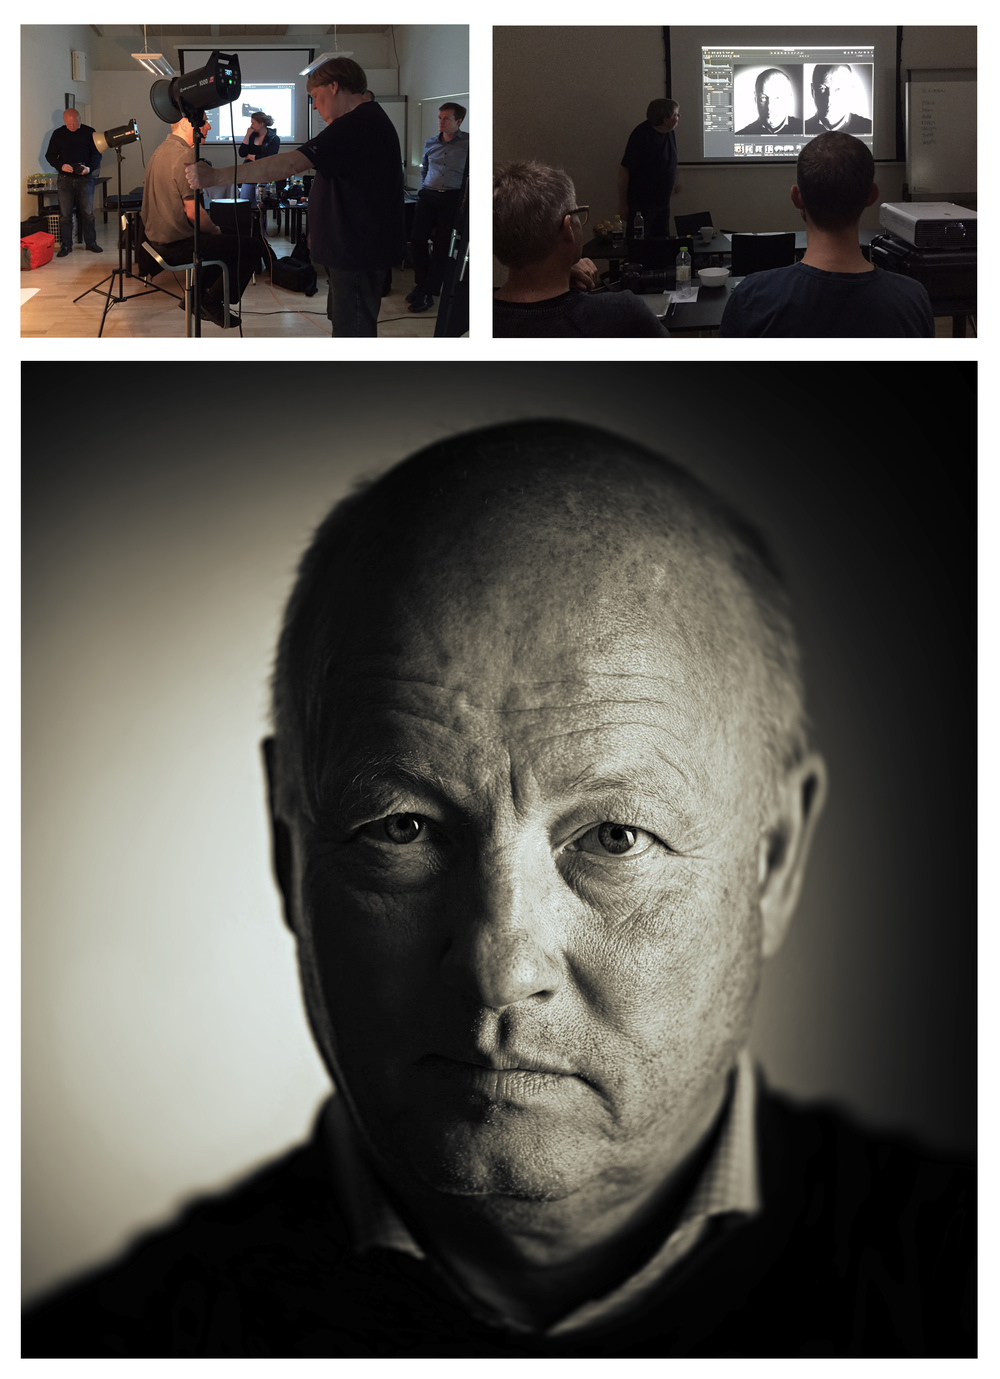 Ole Christiansen underviser og et af mine portrætter fra dagen af Martin, en anden kursist.